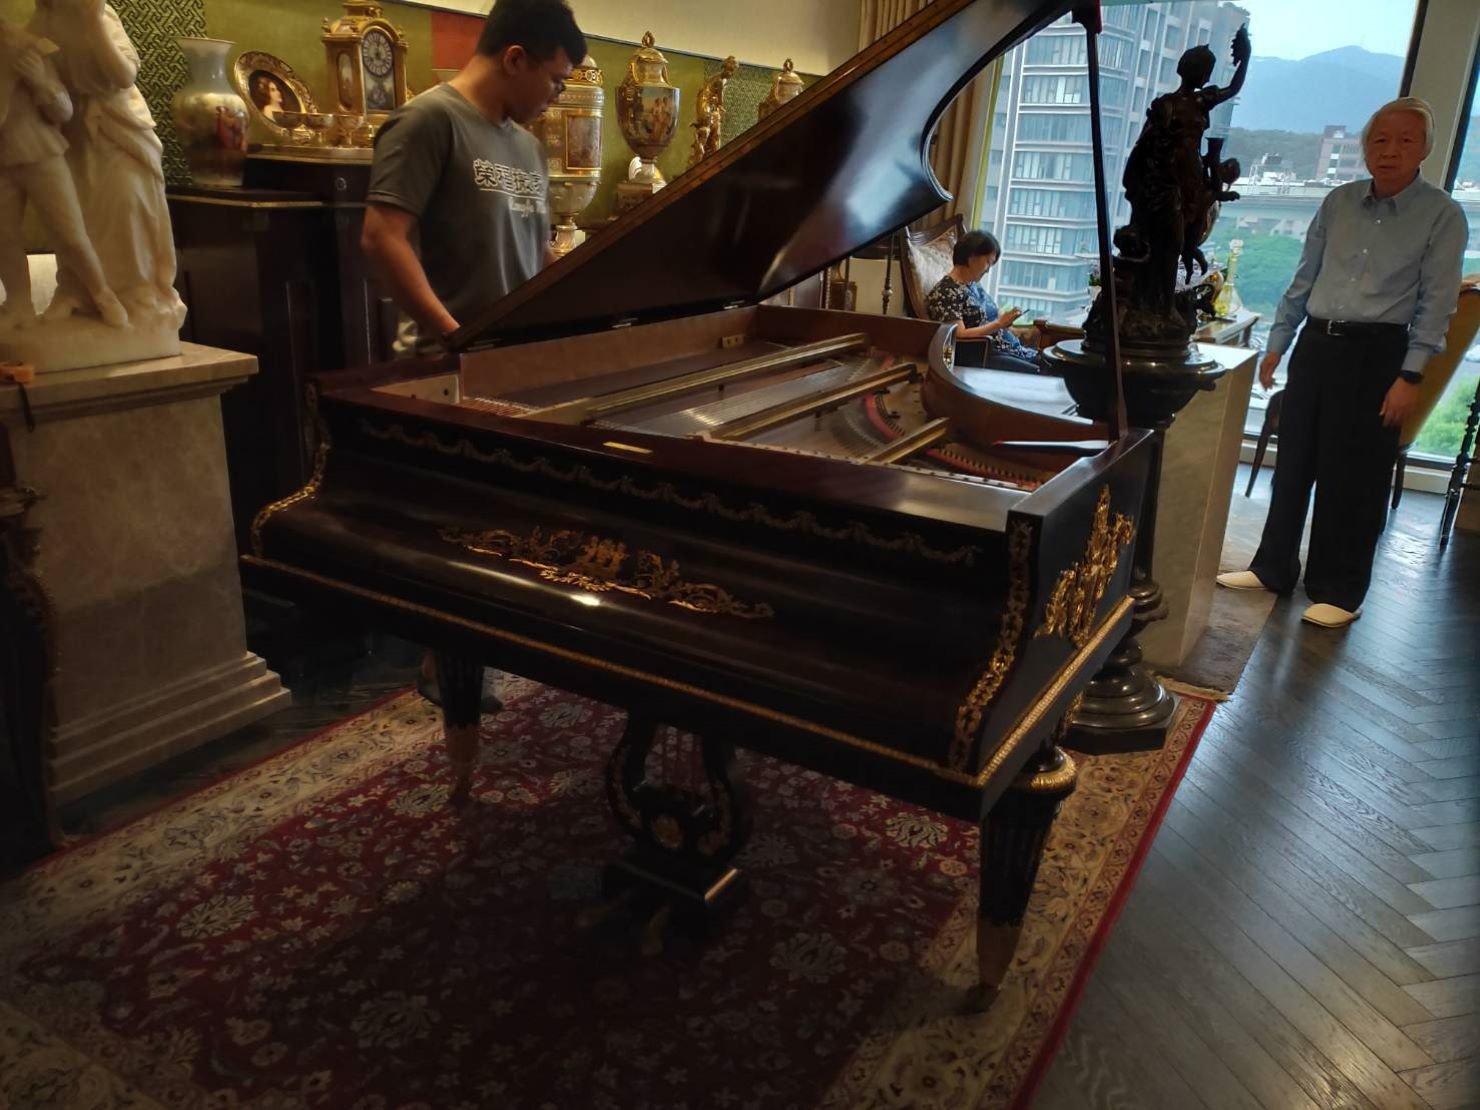 精搬鋼琴搬運【榮福搬家公司】搬鋼琴、搬三角琴、平台鋼琴值得您來選擇:手工客製化三角演奏琴頂蓋拆卸